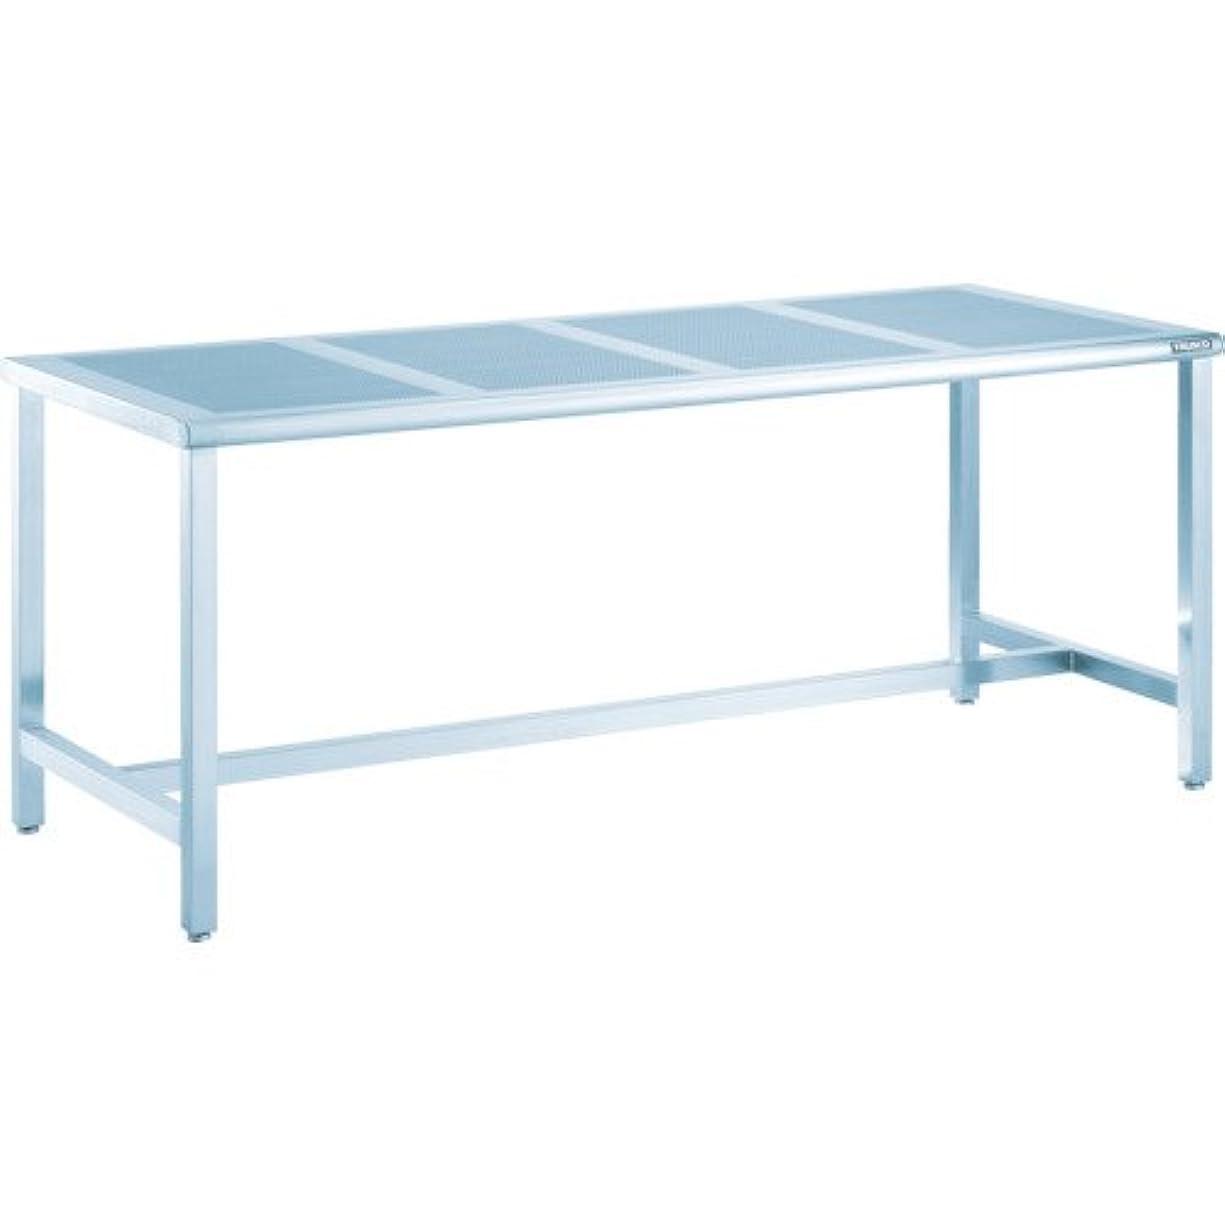 カーフこしょう研究所トラスコ中山 TRUSCO パンチングテーブルSUS304 900X750 ヘアーライン